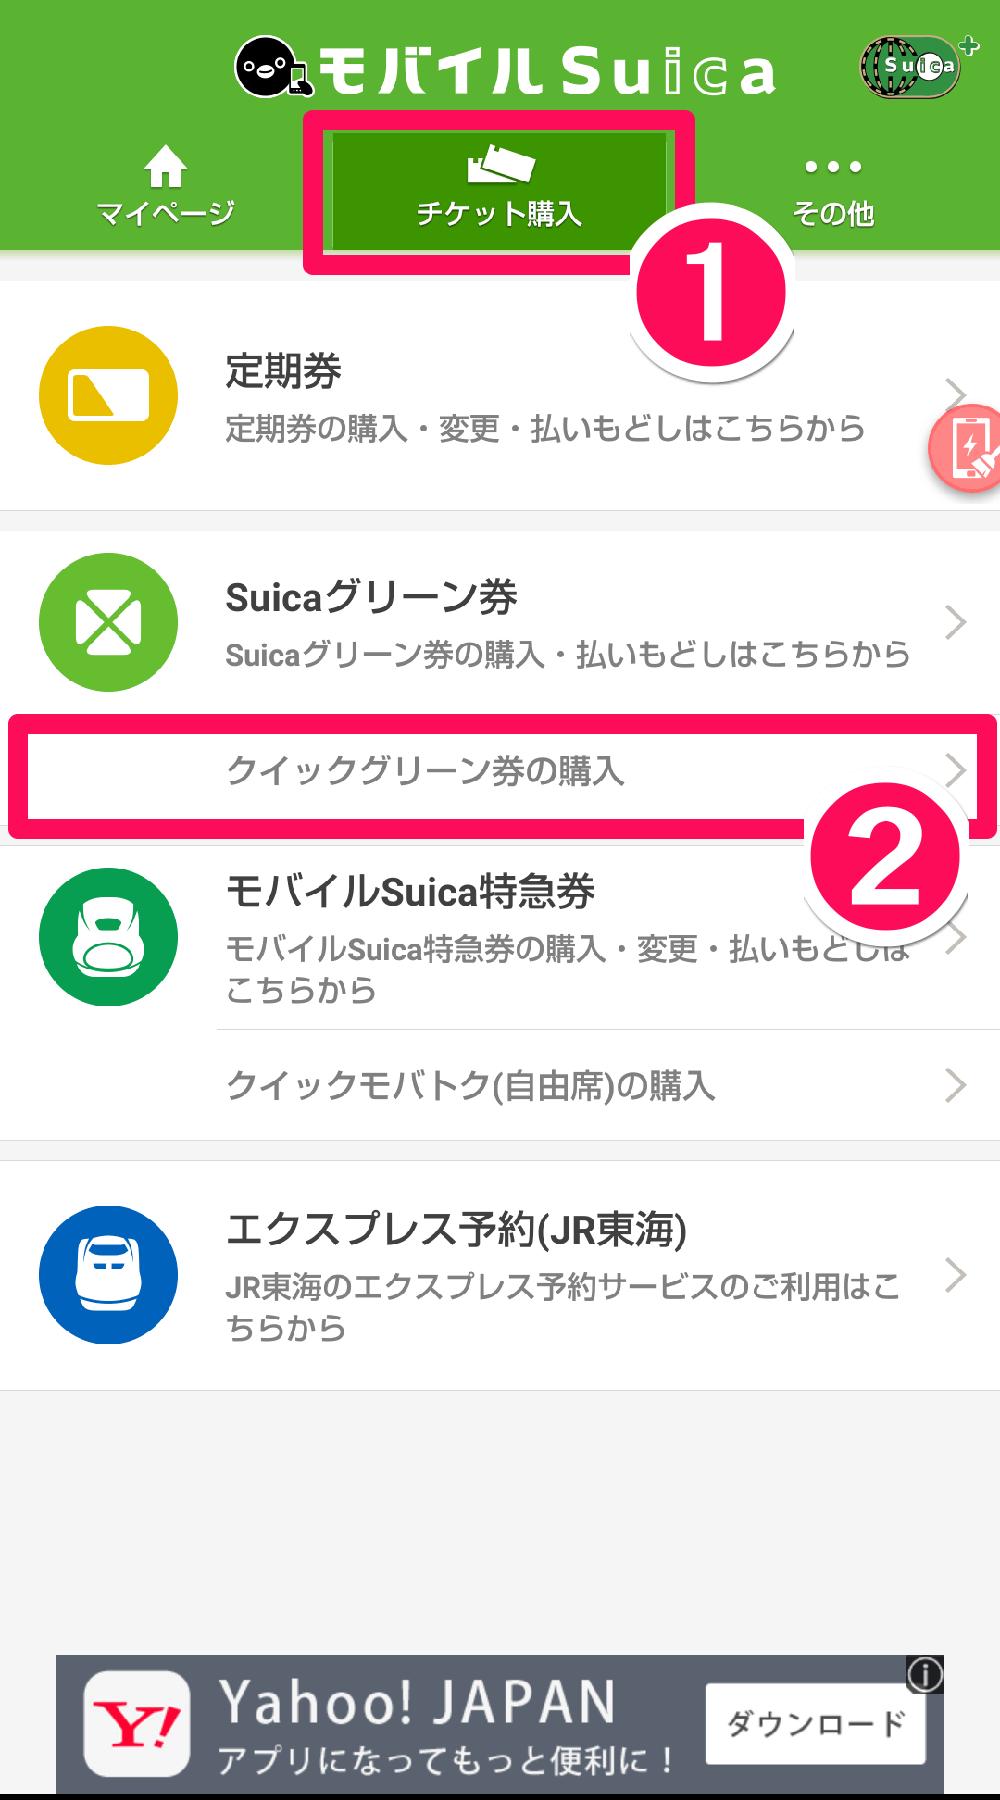 Android(アンドロイド)スマートフォン版「モバイルSuica」アプリの[チケット購入]画面